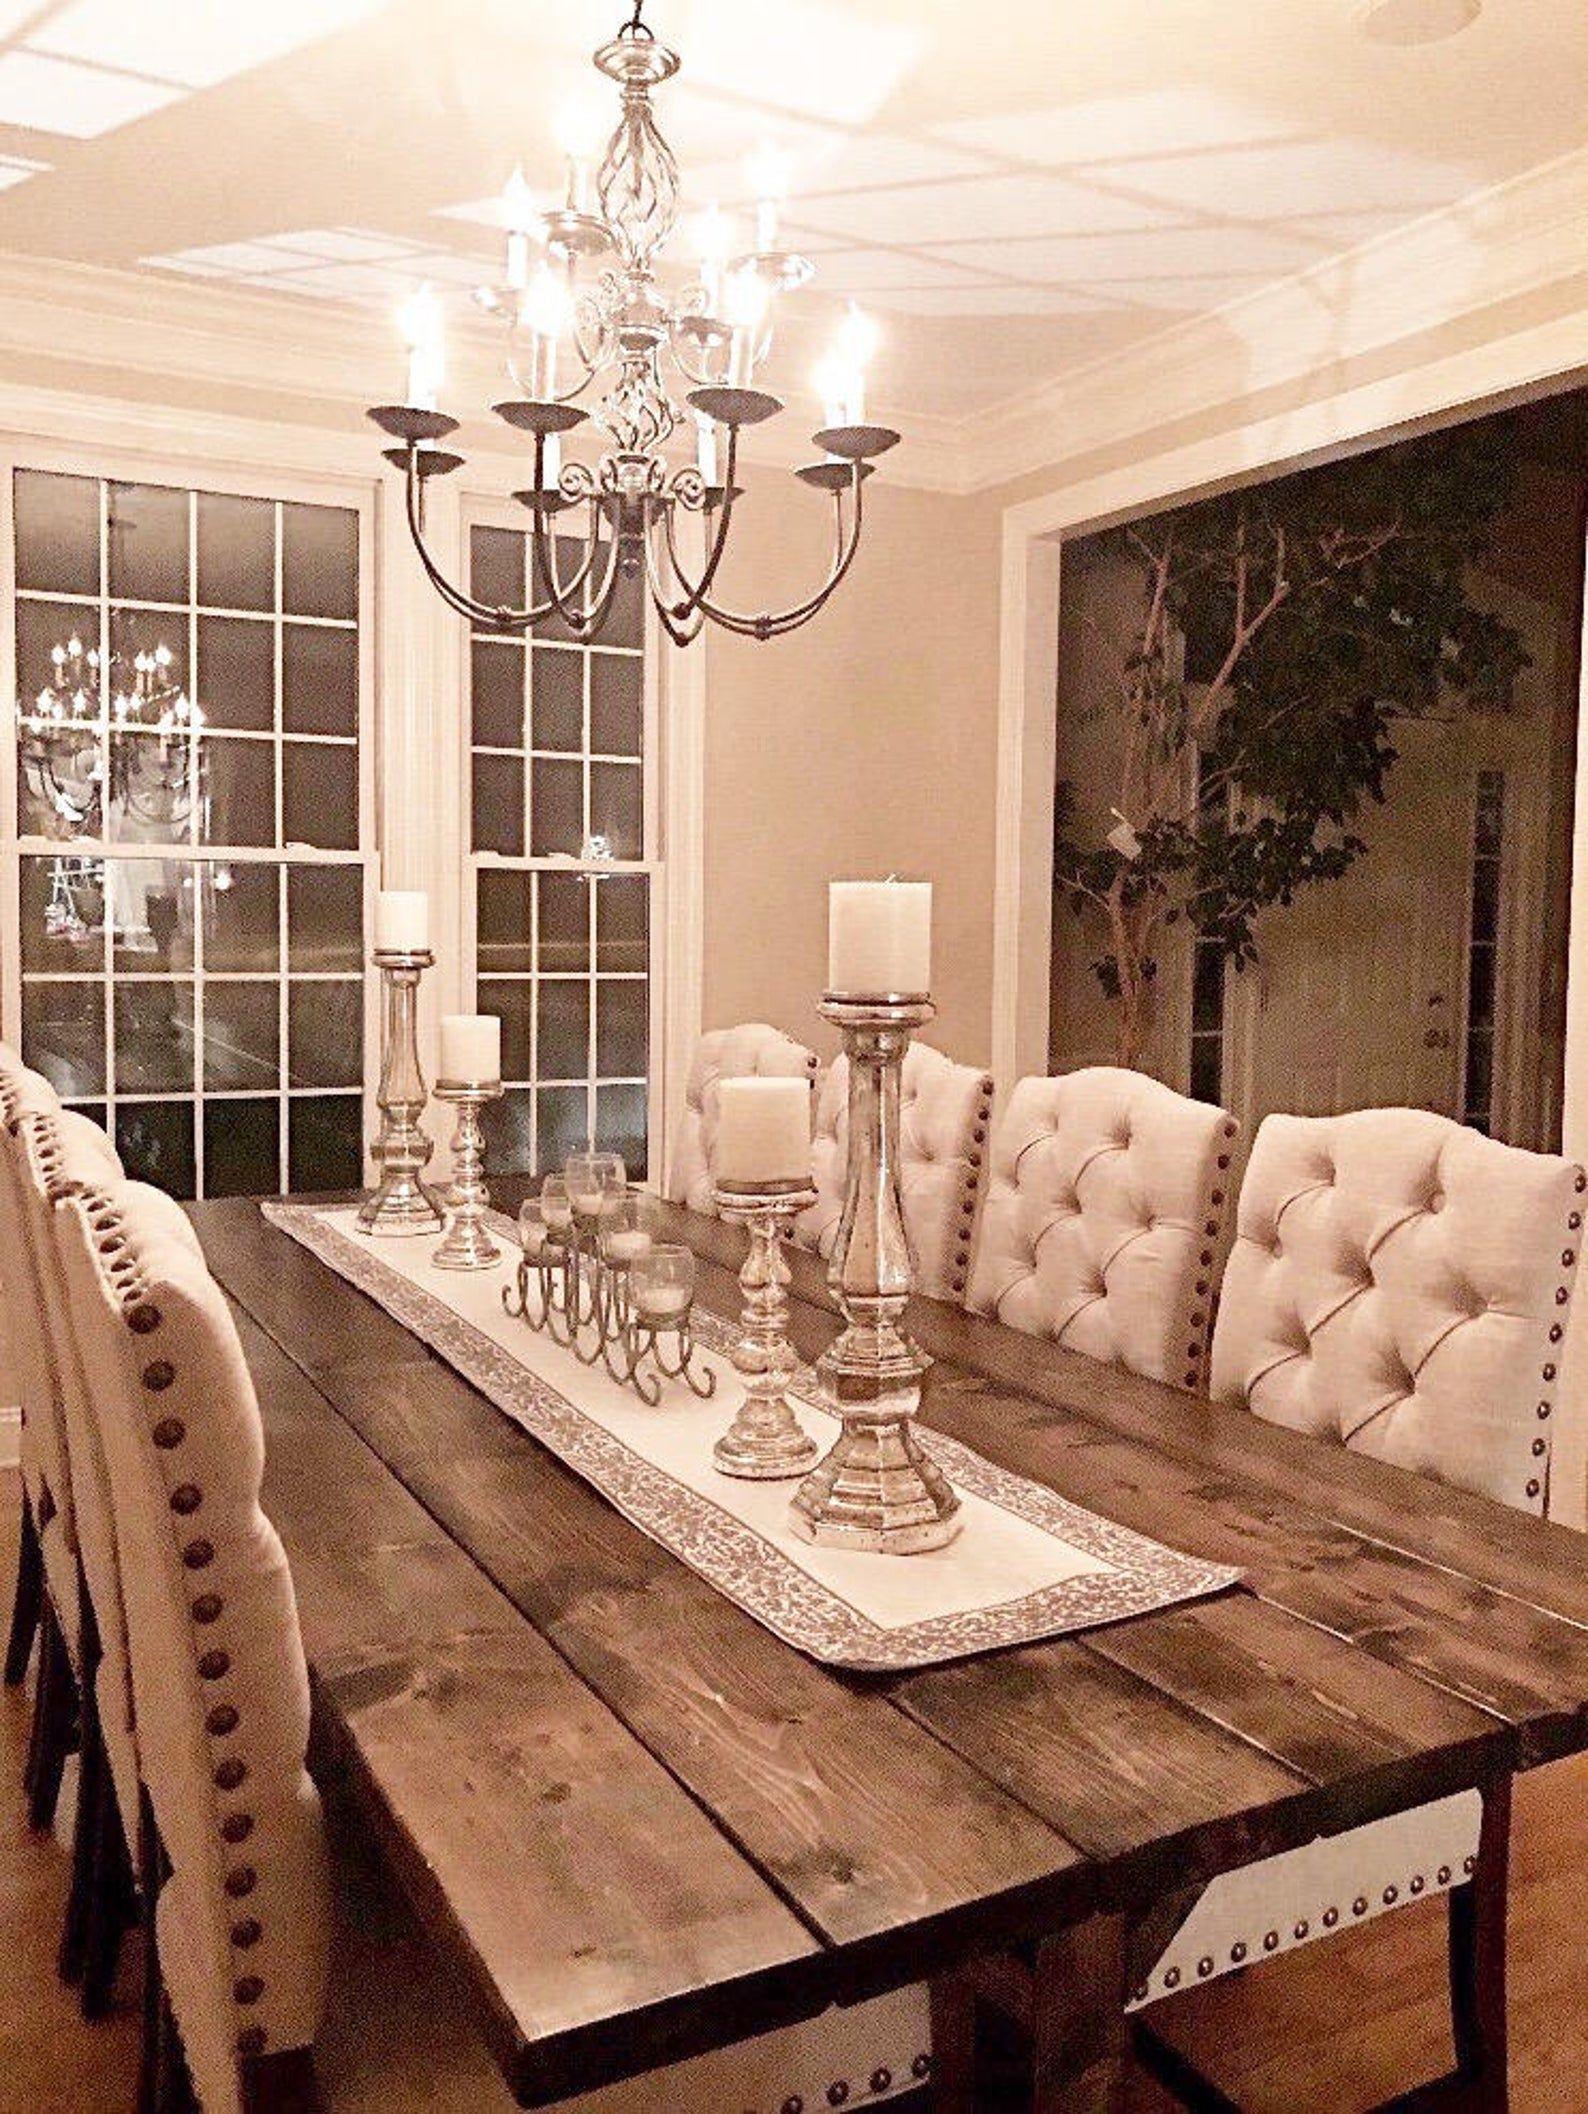 Large Farmhouse Table Long Farm Table Dining Room Table Etsy In 2021 Farmhouse Dining Rooms Decor Dining Room Table Decor Farmhouse Dining Room